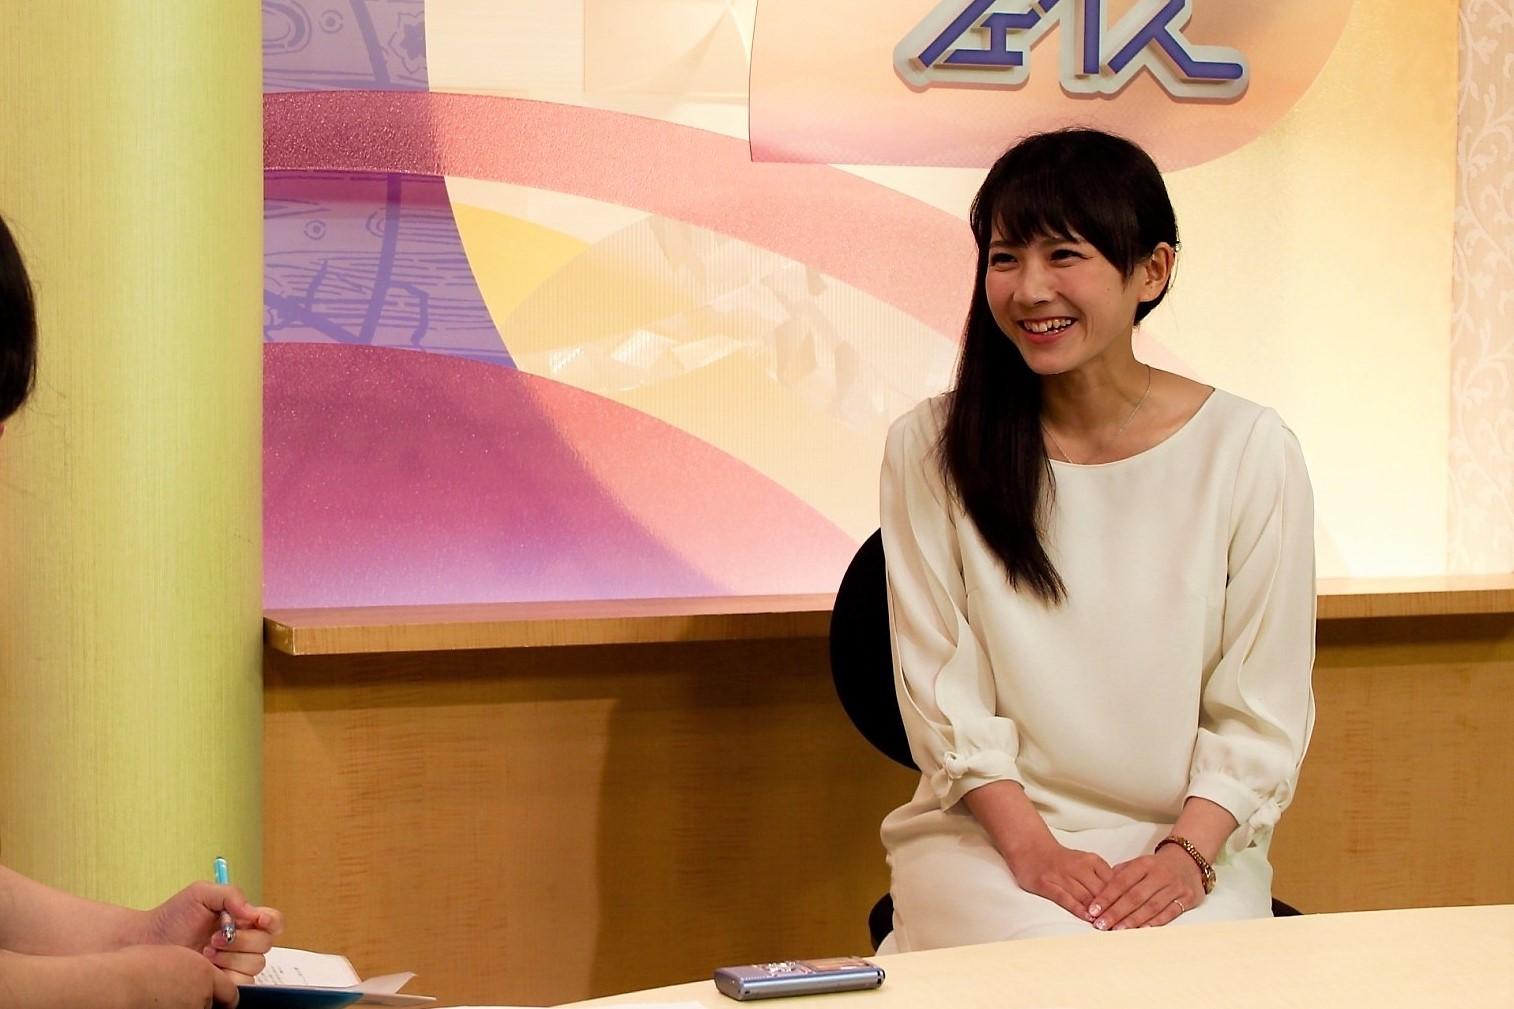 【女子アナインタビュー】KBS京都アナウンサーの海平 和さんに聞きました!~京都で育ち、学び、働くということ~ ➁学生生活編